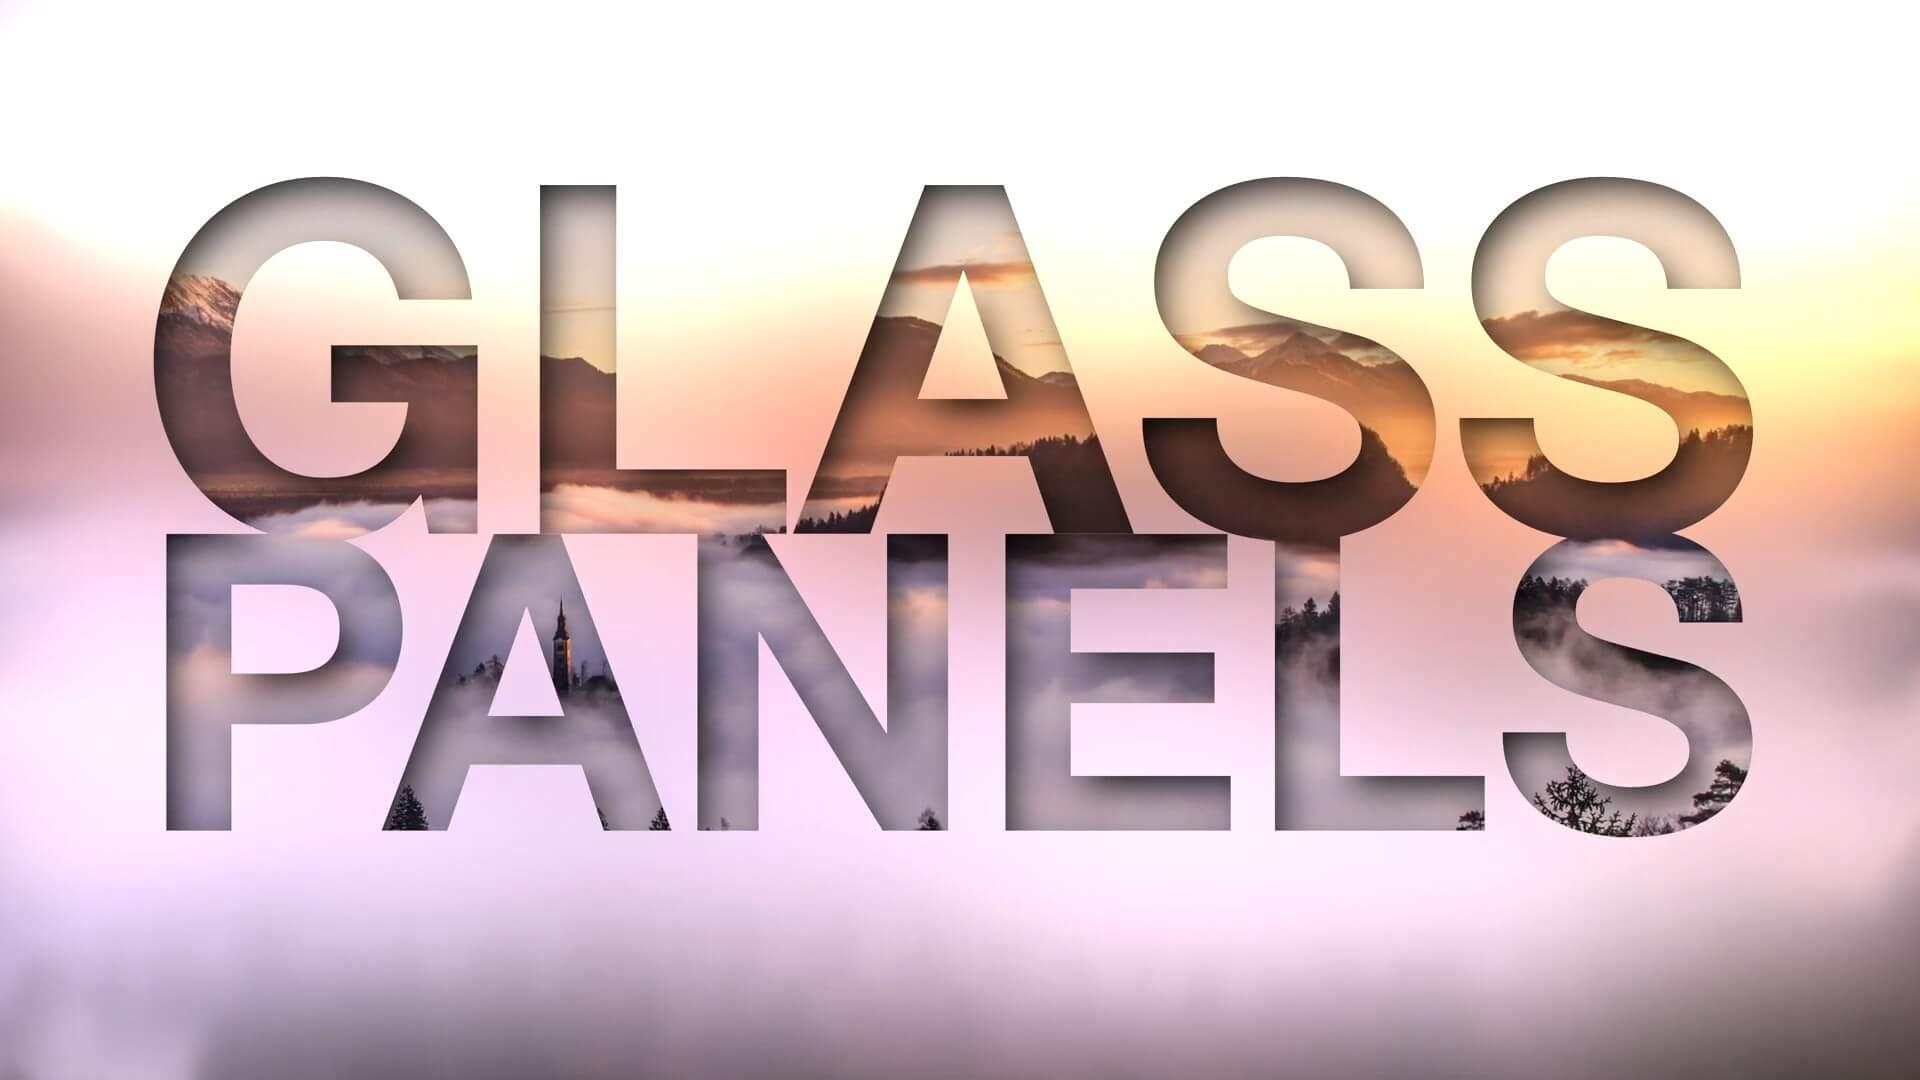 fcpx插件 透明玻璃水晶质感侧边栏标题制作预设 Glass Panels